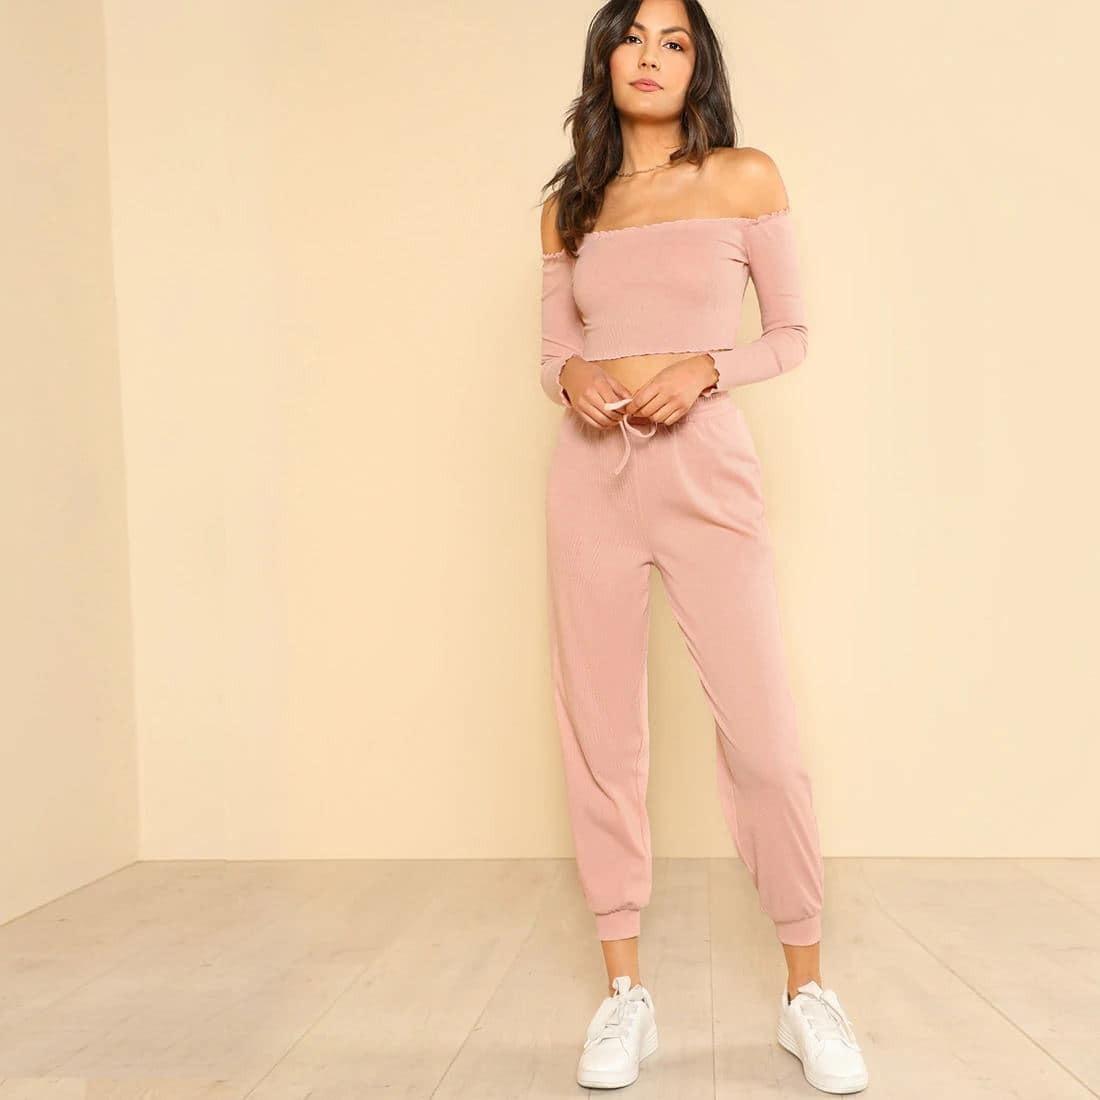 SHEIN / Conjunto deportivo de pantalón largo y top corto con hombros descubiertos